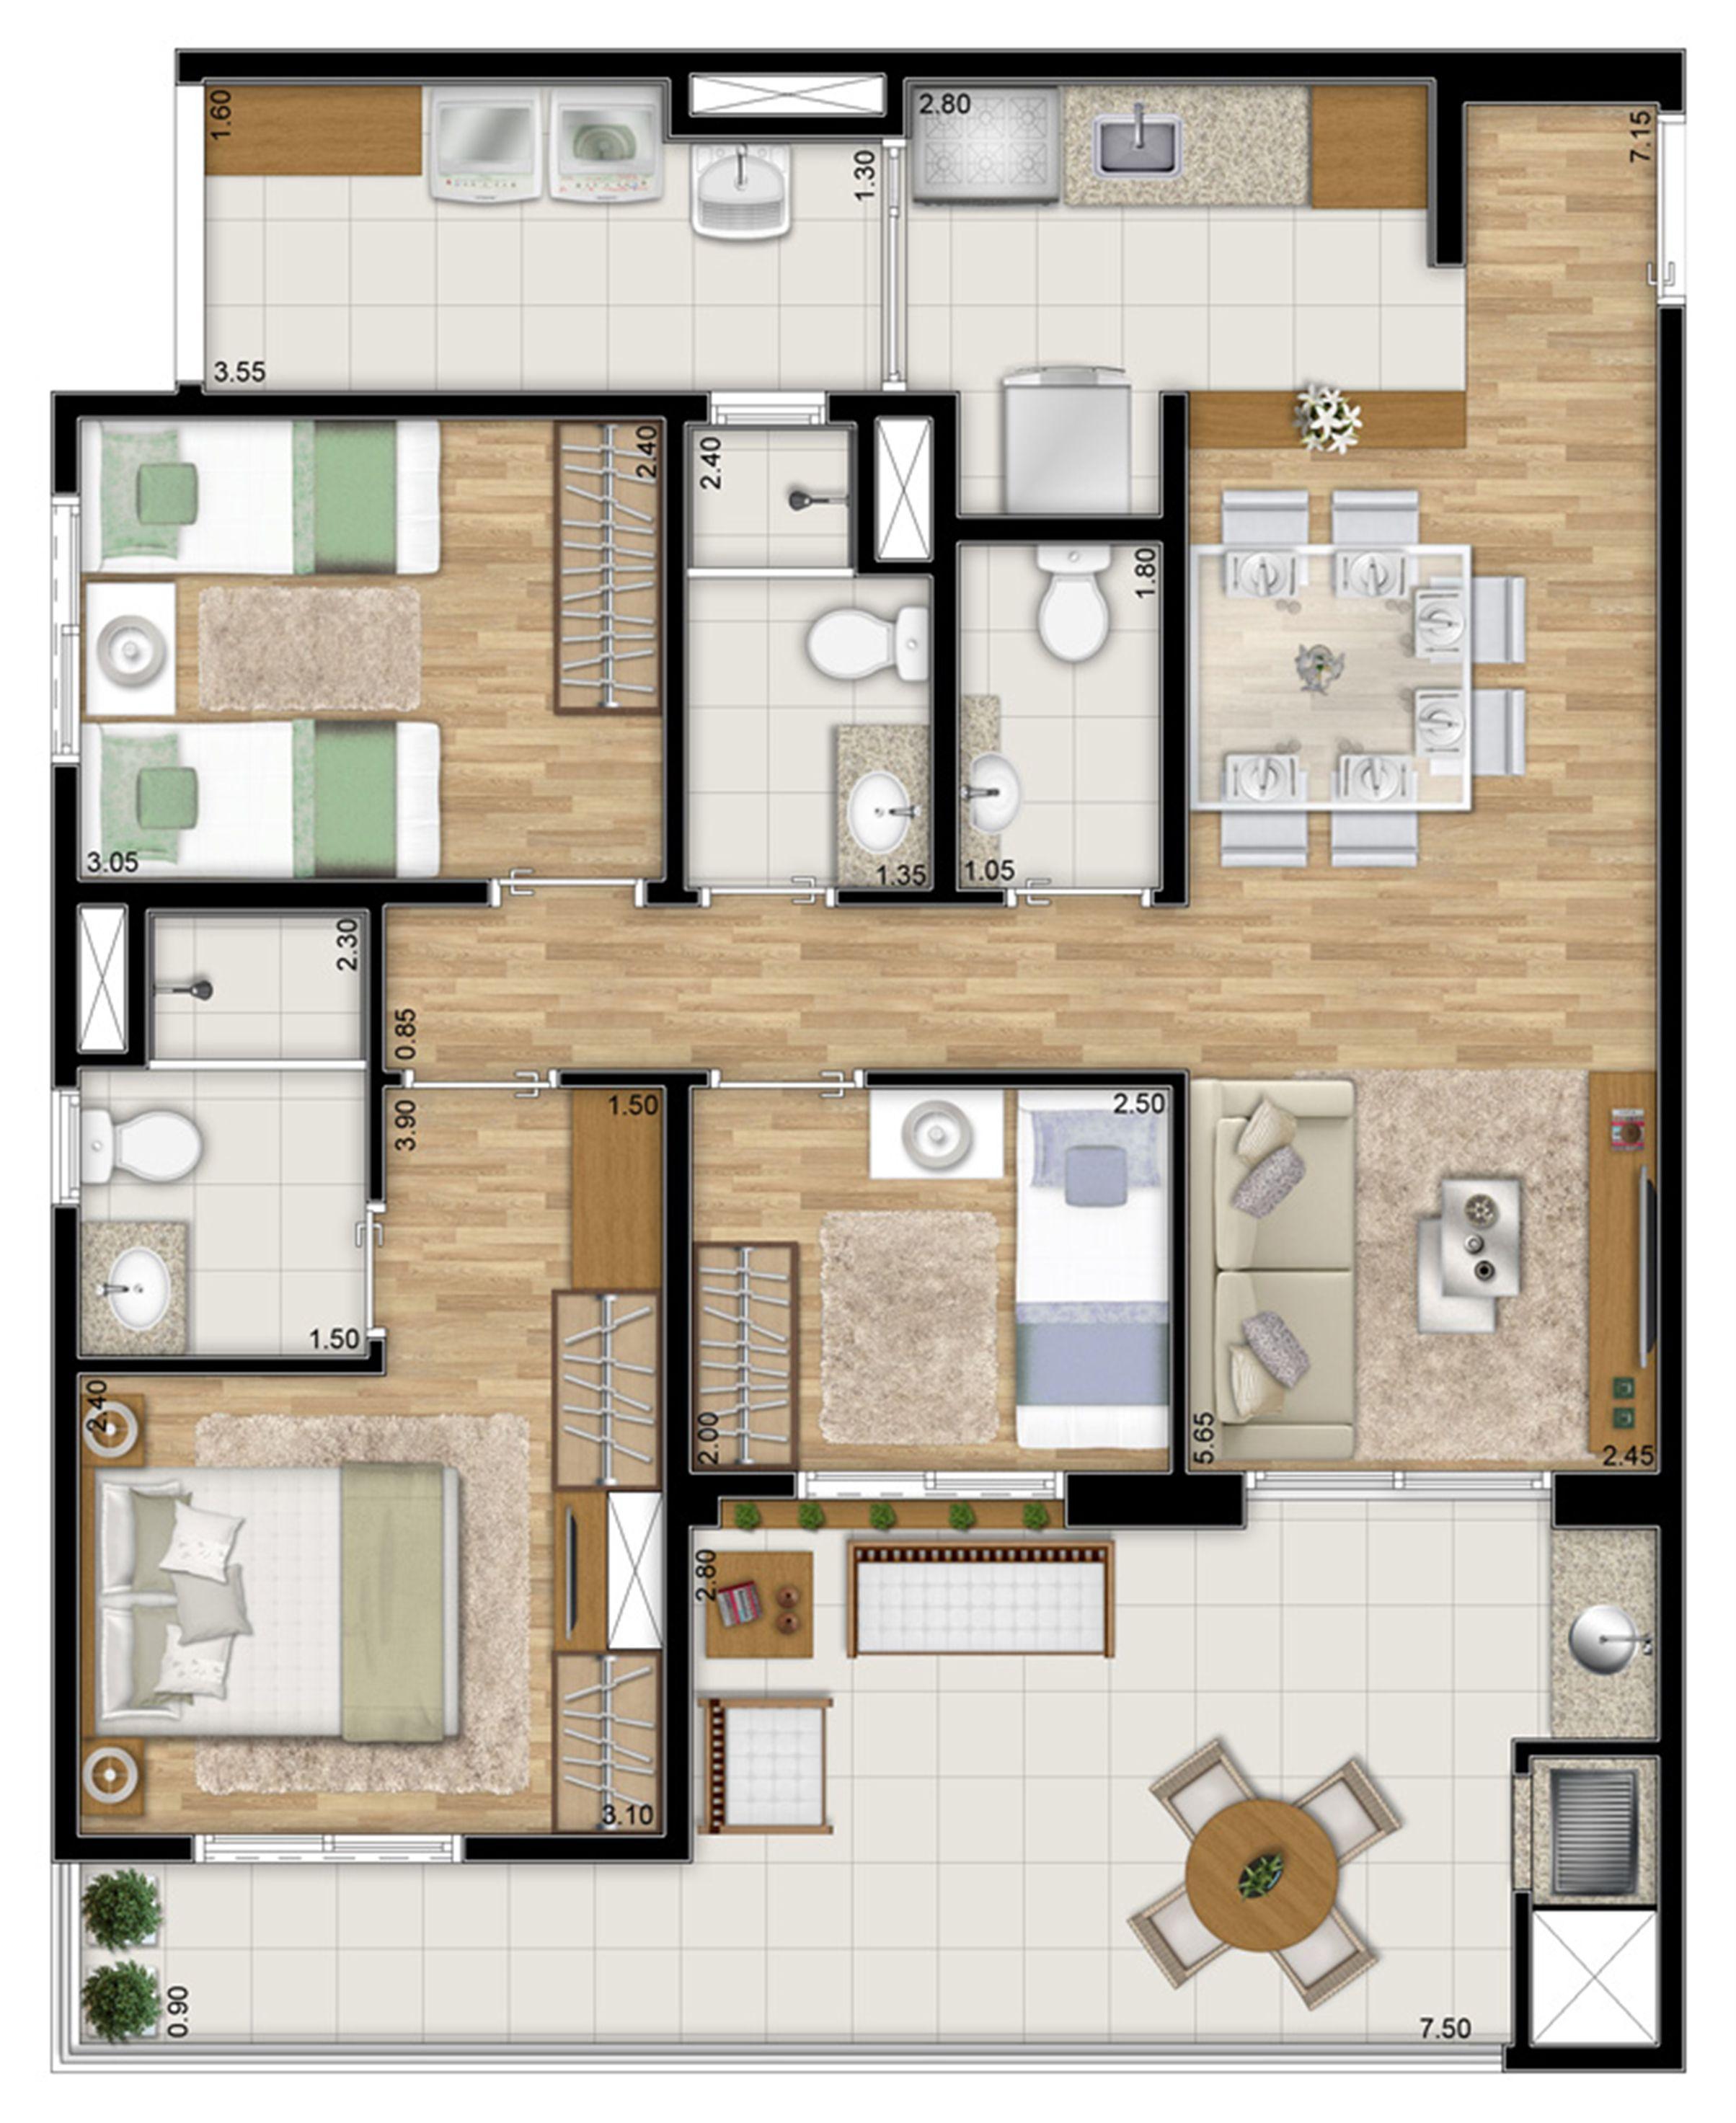 Planta tipo do apartamento de 87 m² privativos - 3 dorms. c 1 suíte   Varanda Ipiranga – Apartamento no  Ipiranga - São Paulo - São Paulo